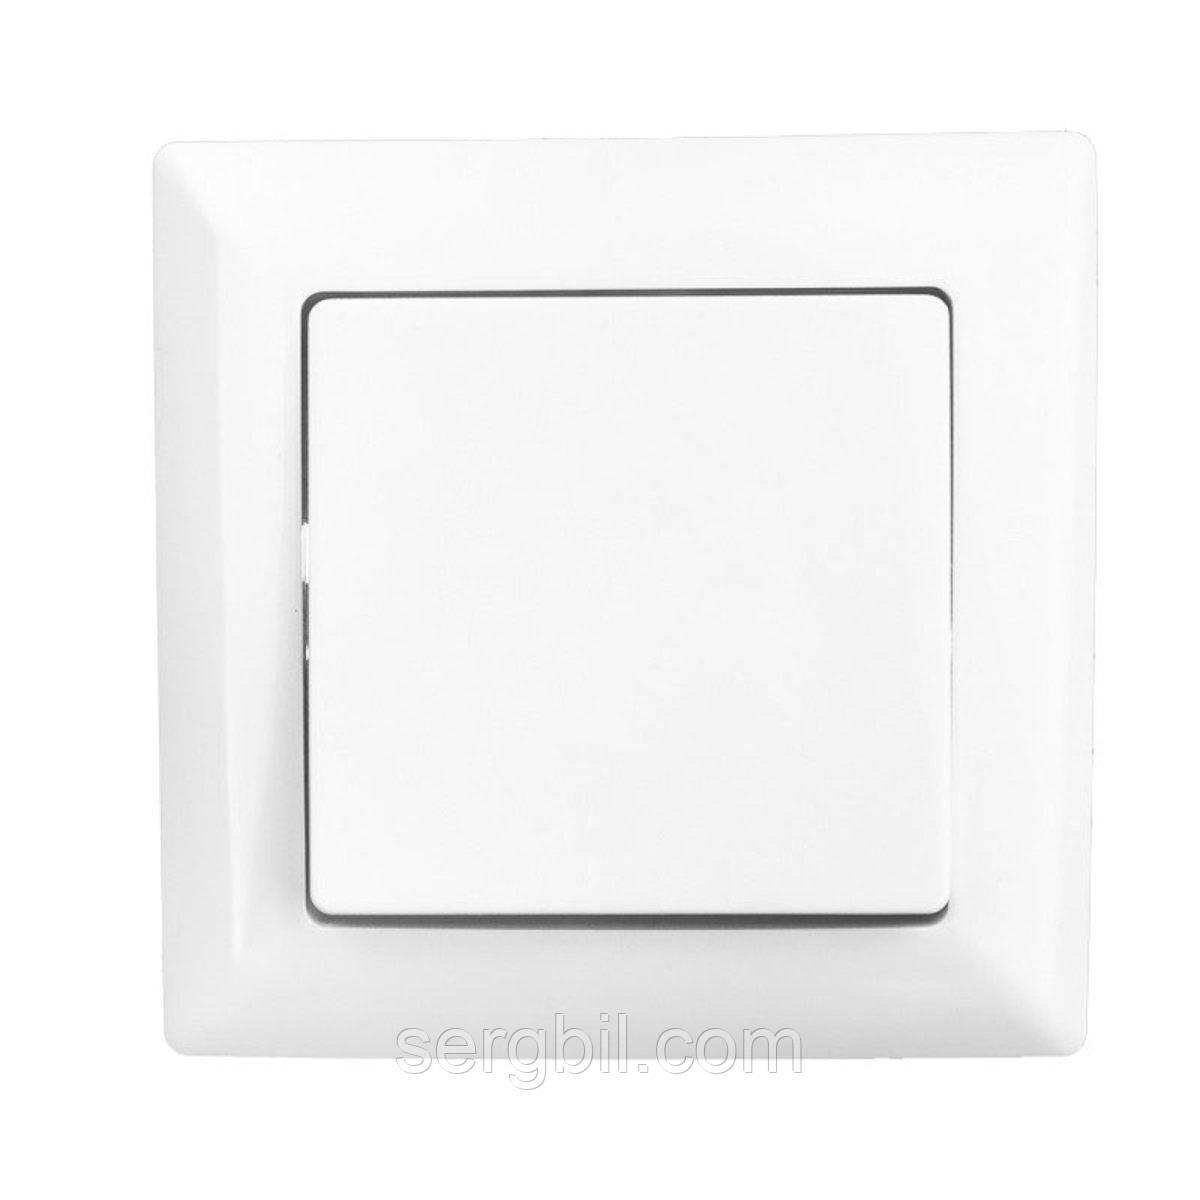 Вимикач з 1 клавішею Lectris білий LCI001